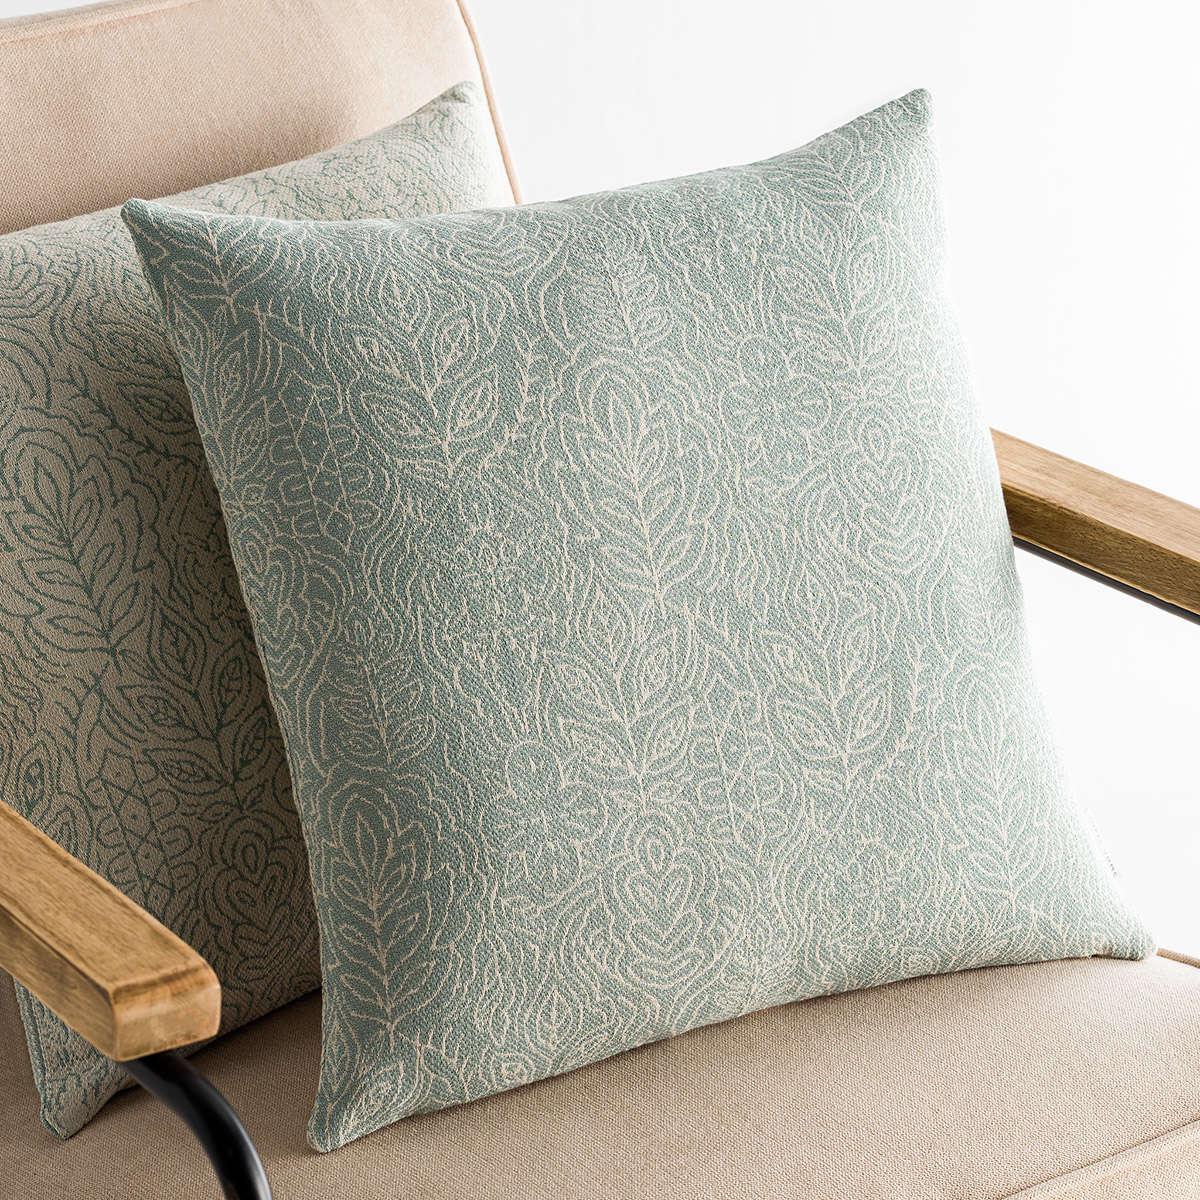 Μαξιλαροθήκη Διακοσμητική Mandala Aqua 140/11 Gofis Home 50X50 Βαμβάκι-Polyester